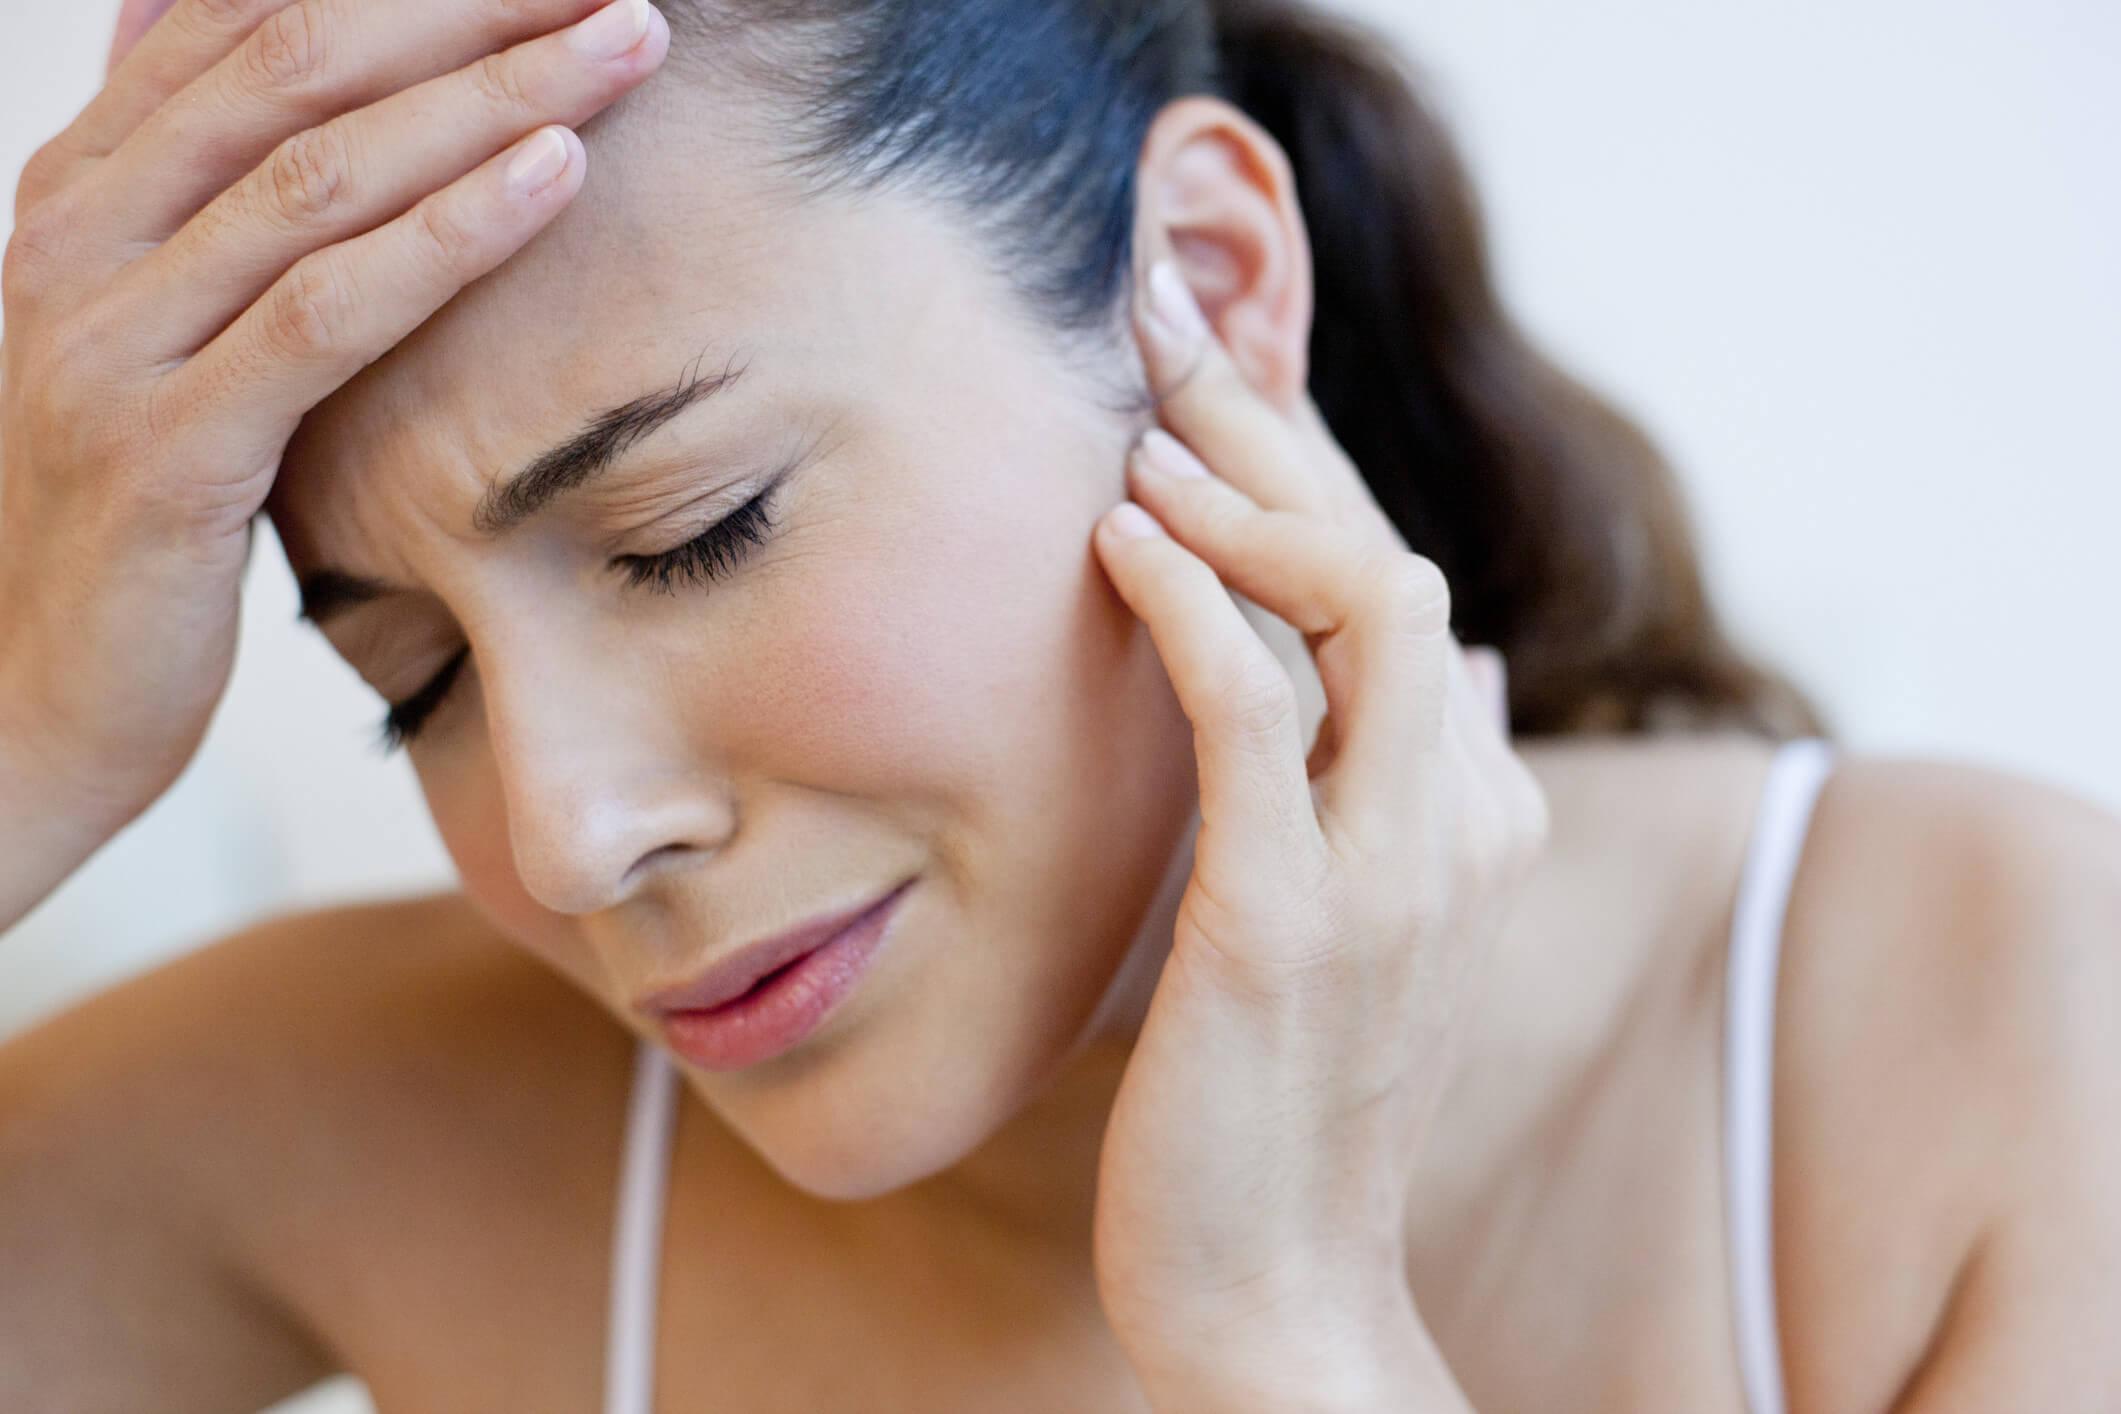 Как убрать серную пробку в домашних условиях и не повредить ухо?